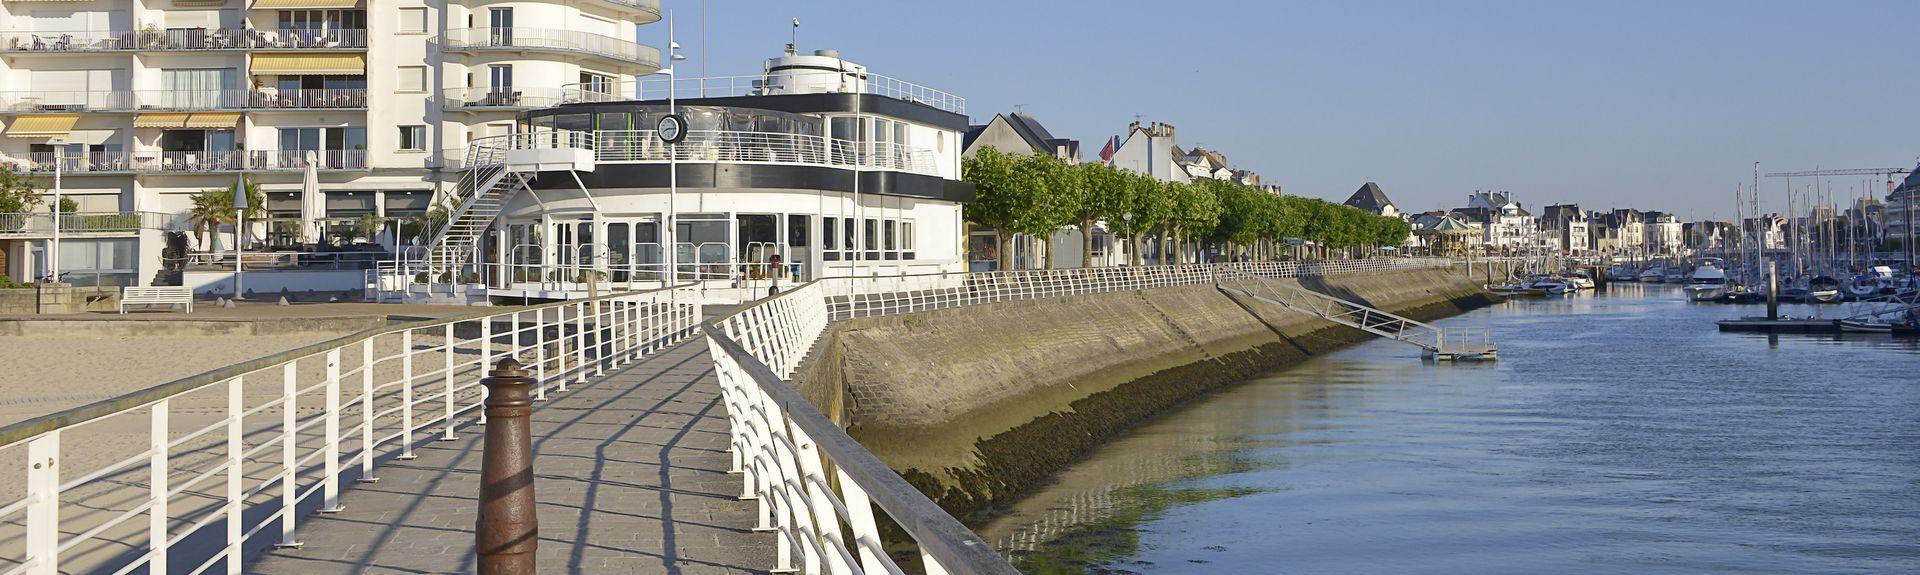 Le Pouliguen, Pays de la Loire, Ranska